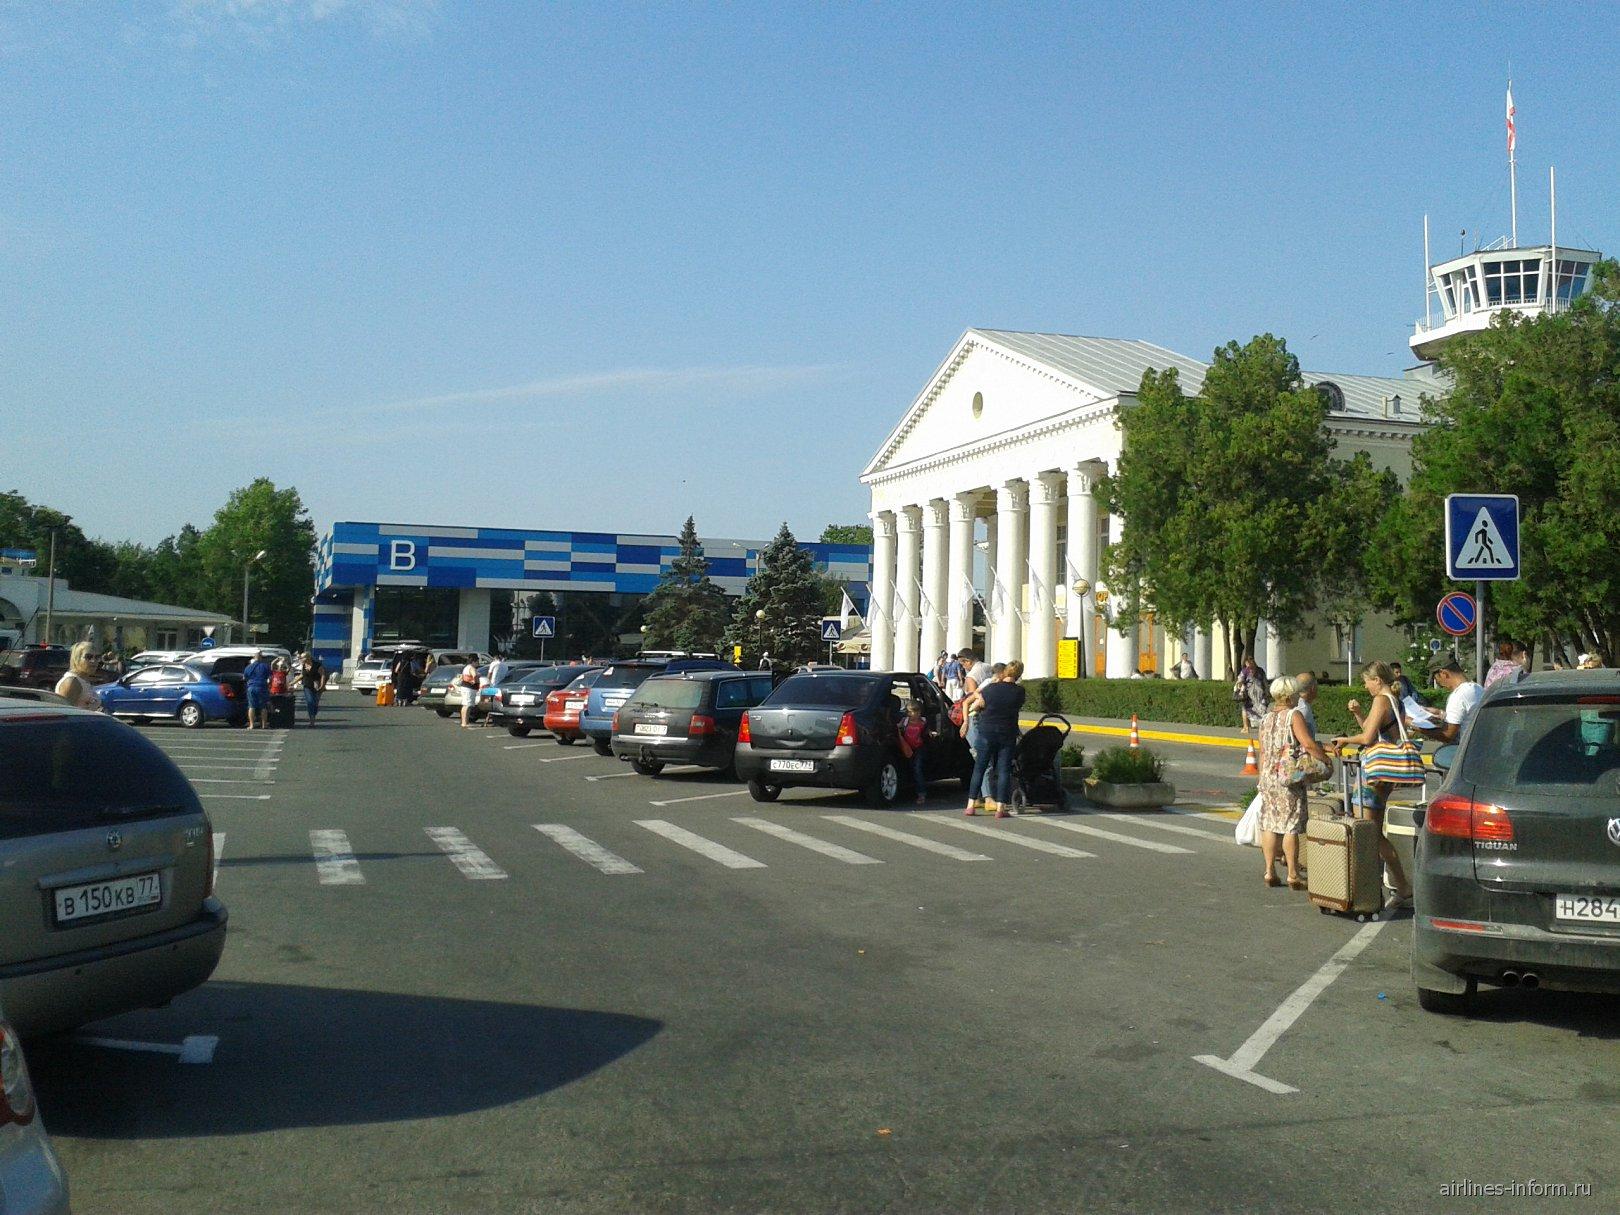 Привокзальная площадь аэропорта Симферополь